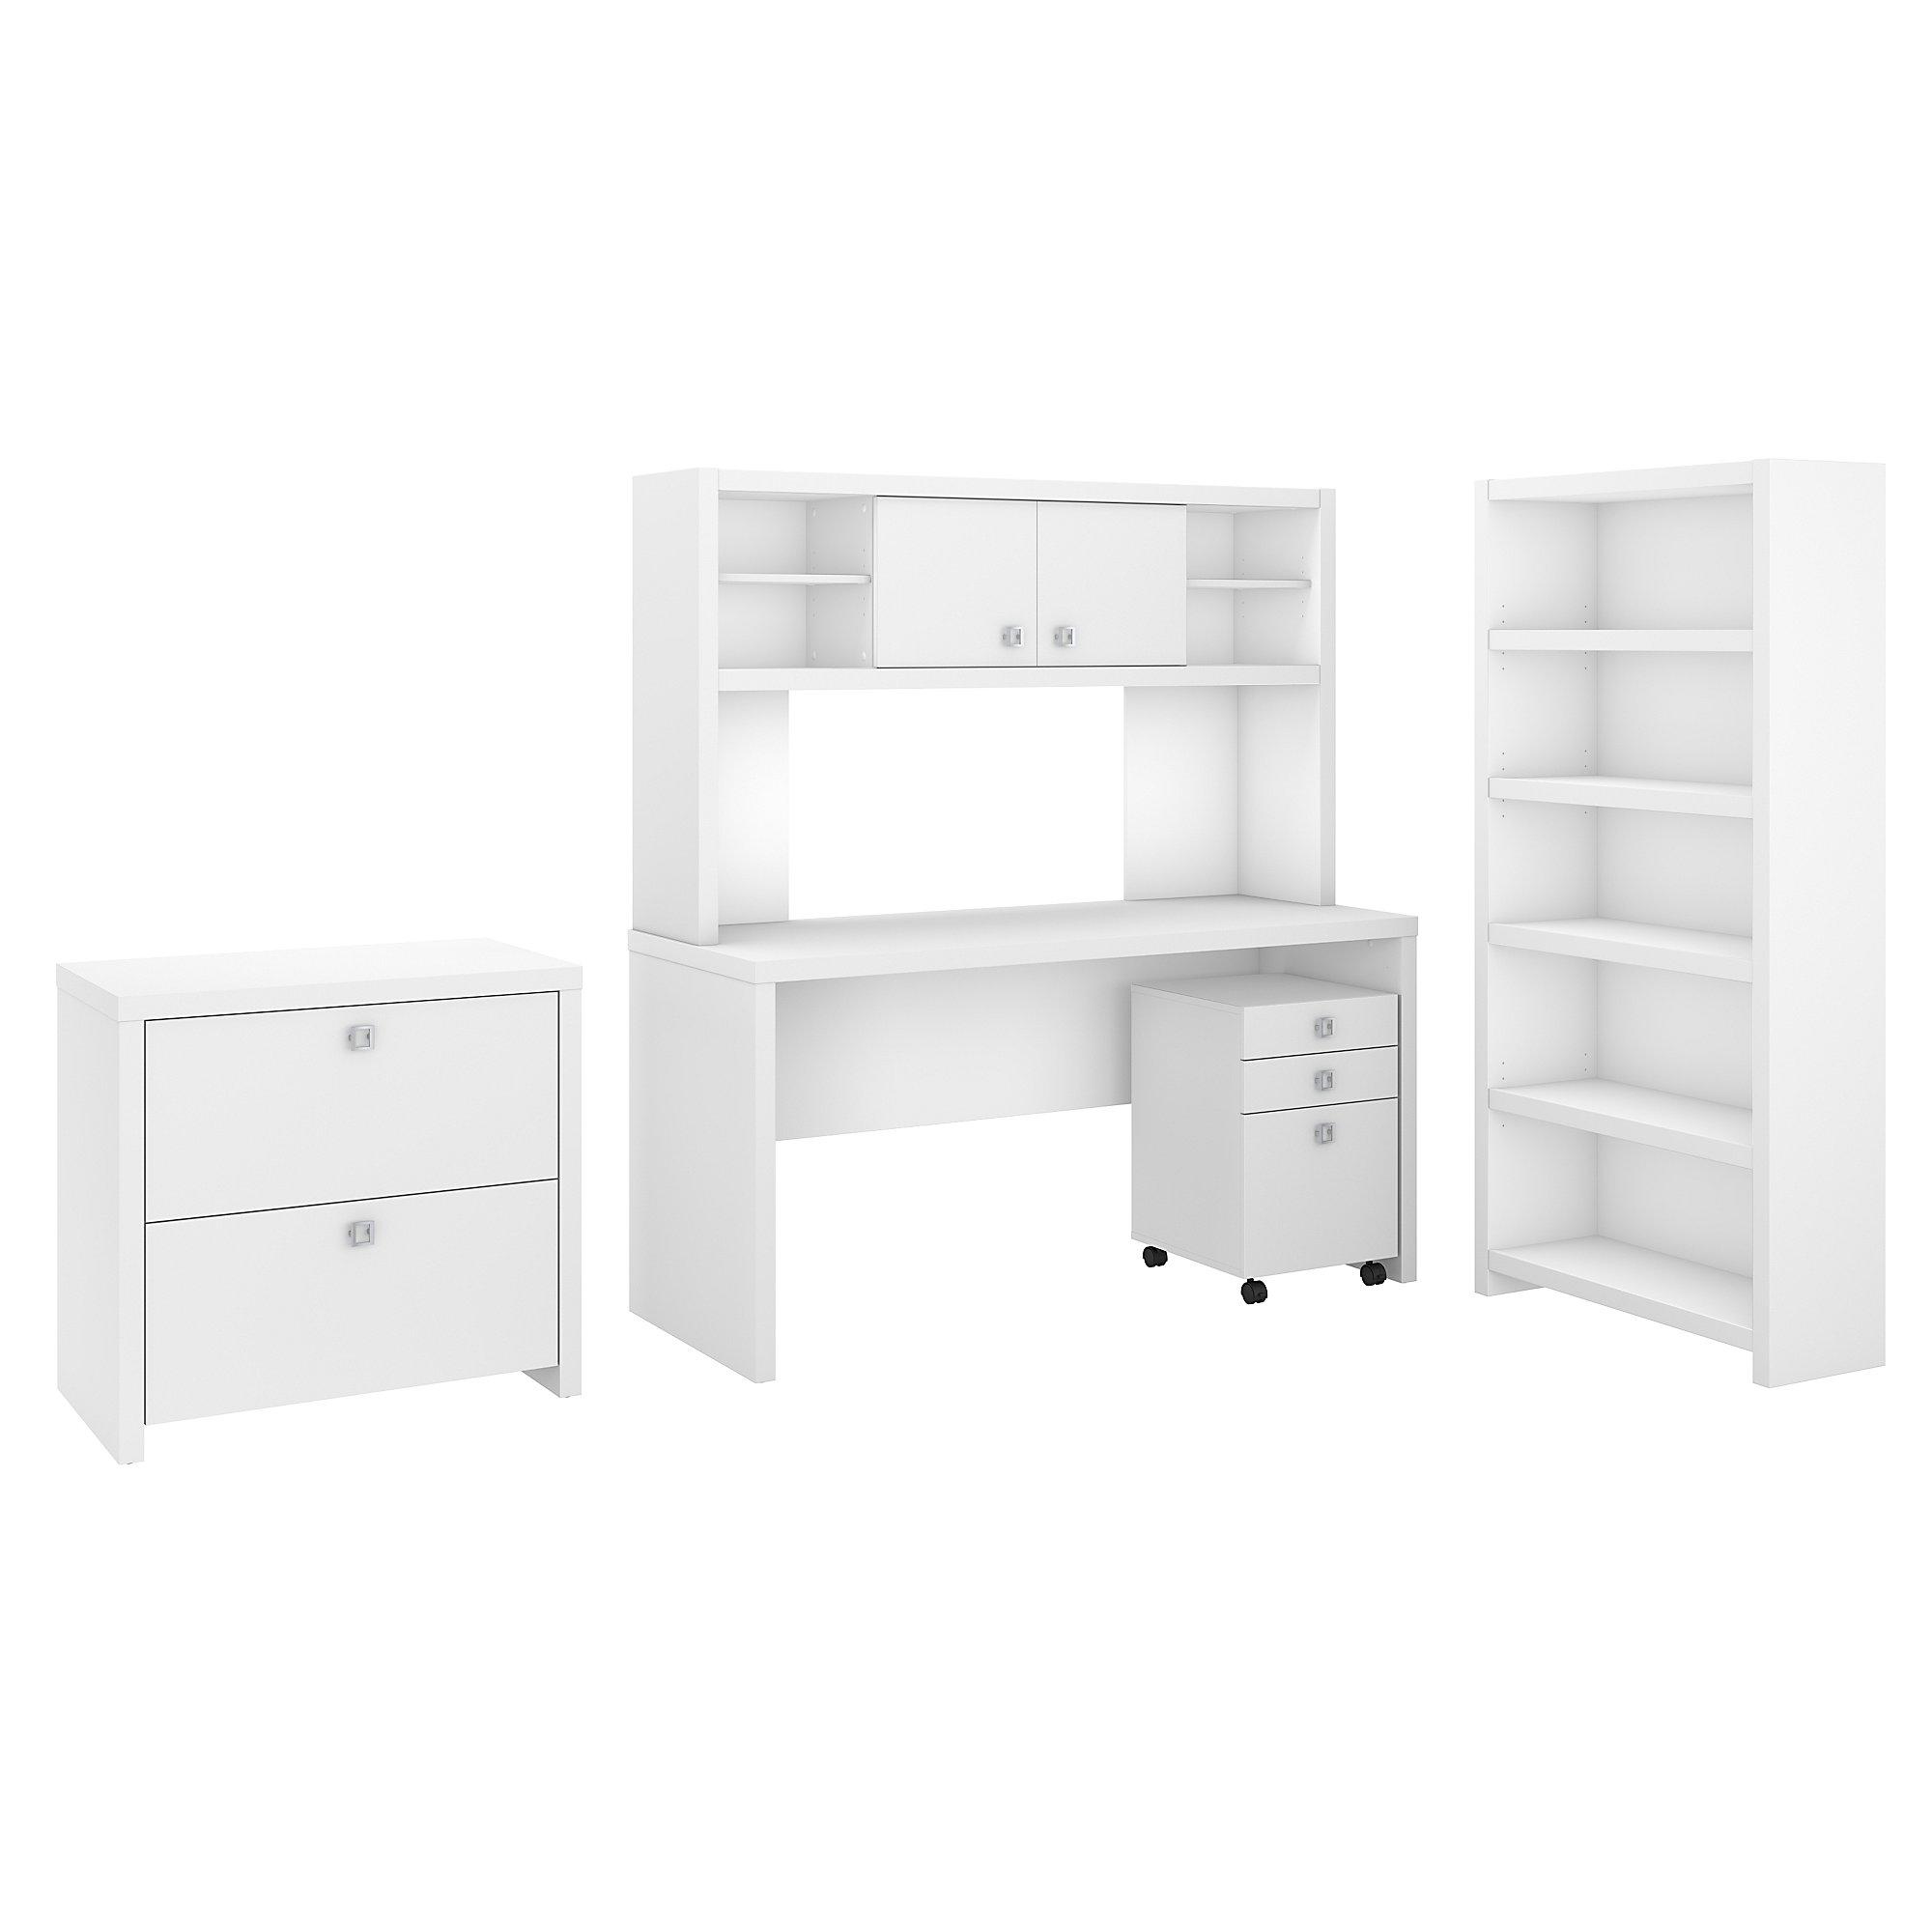 pure white echo executive desk configuration